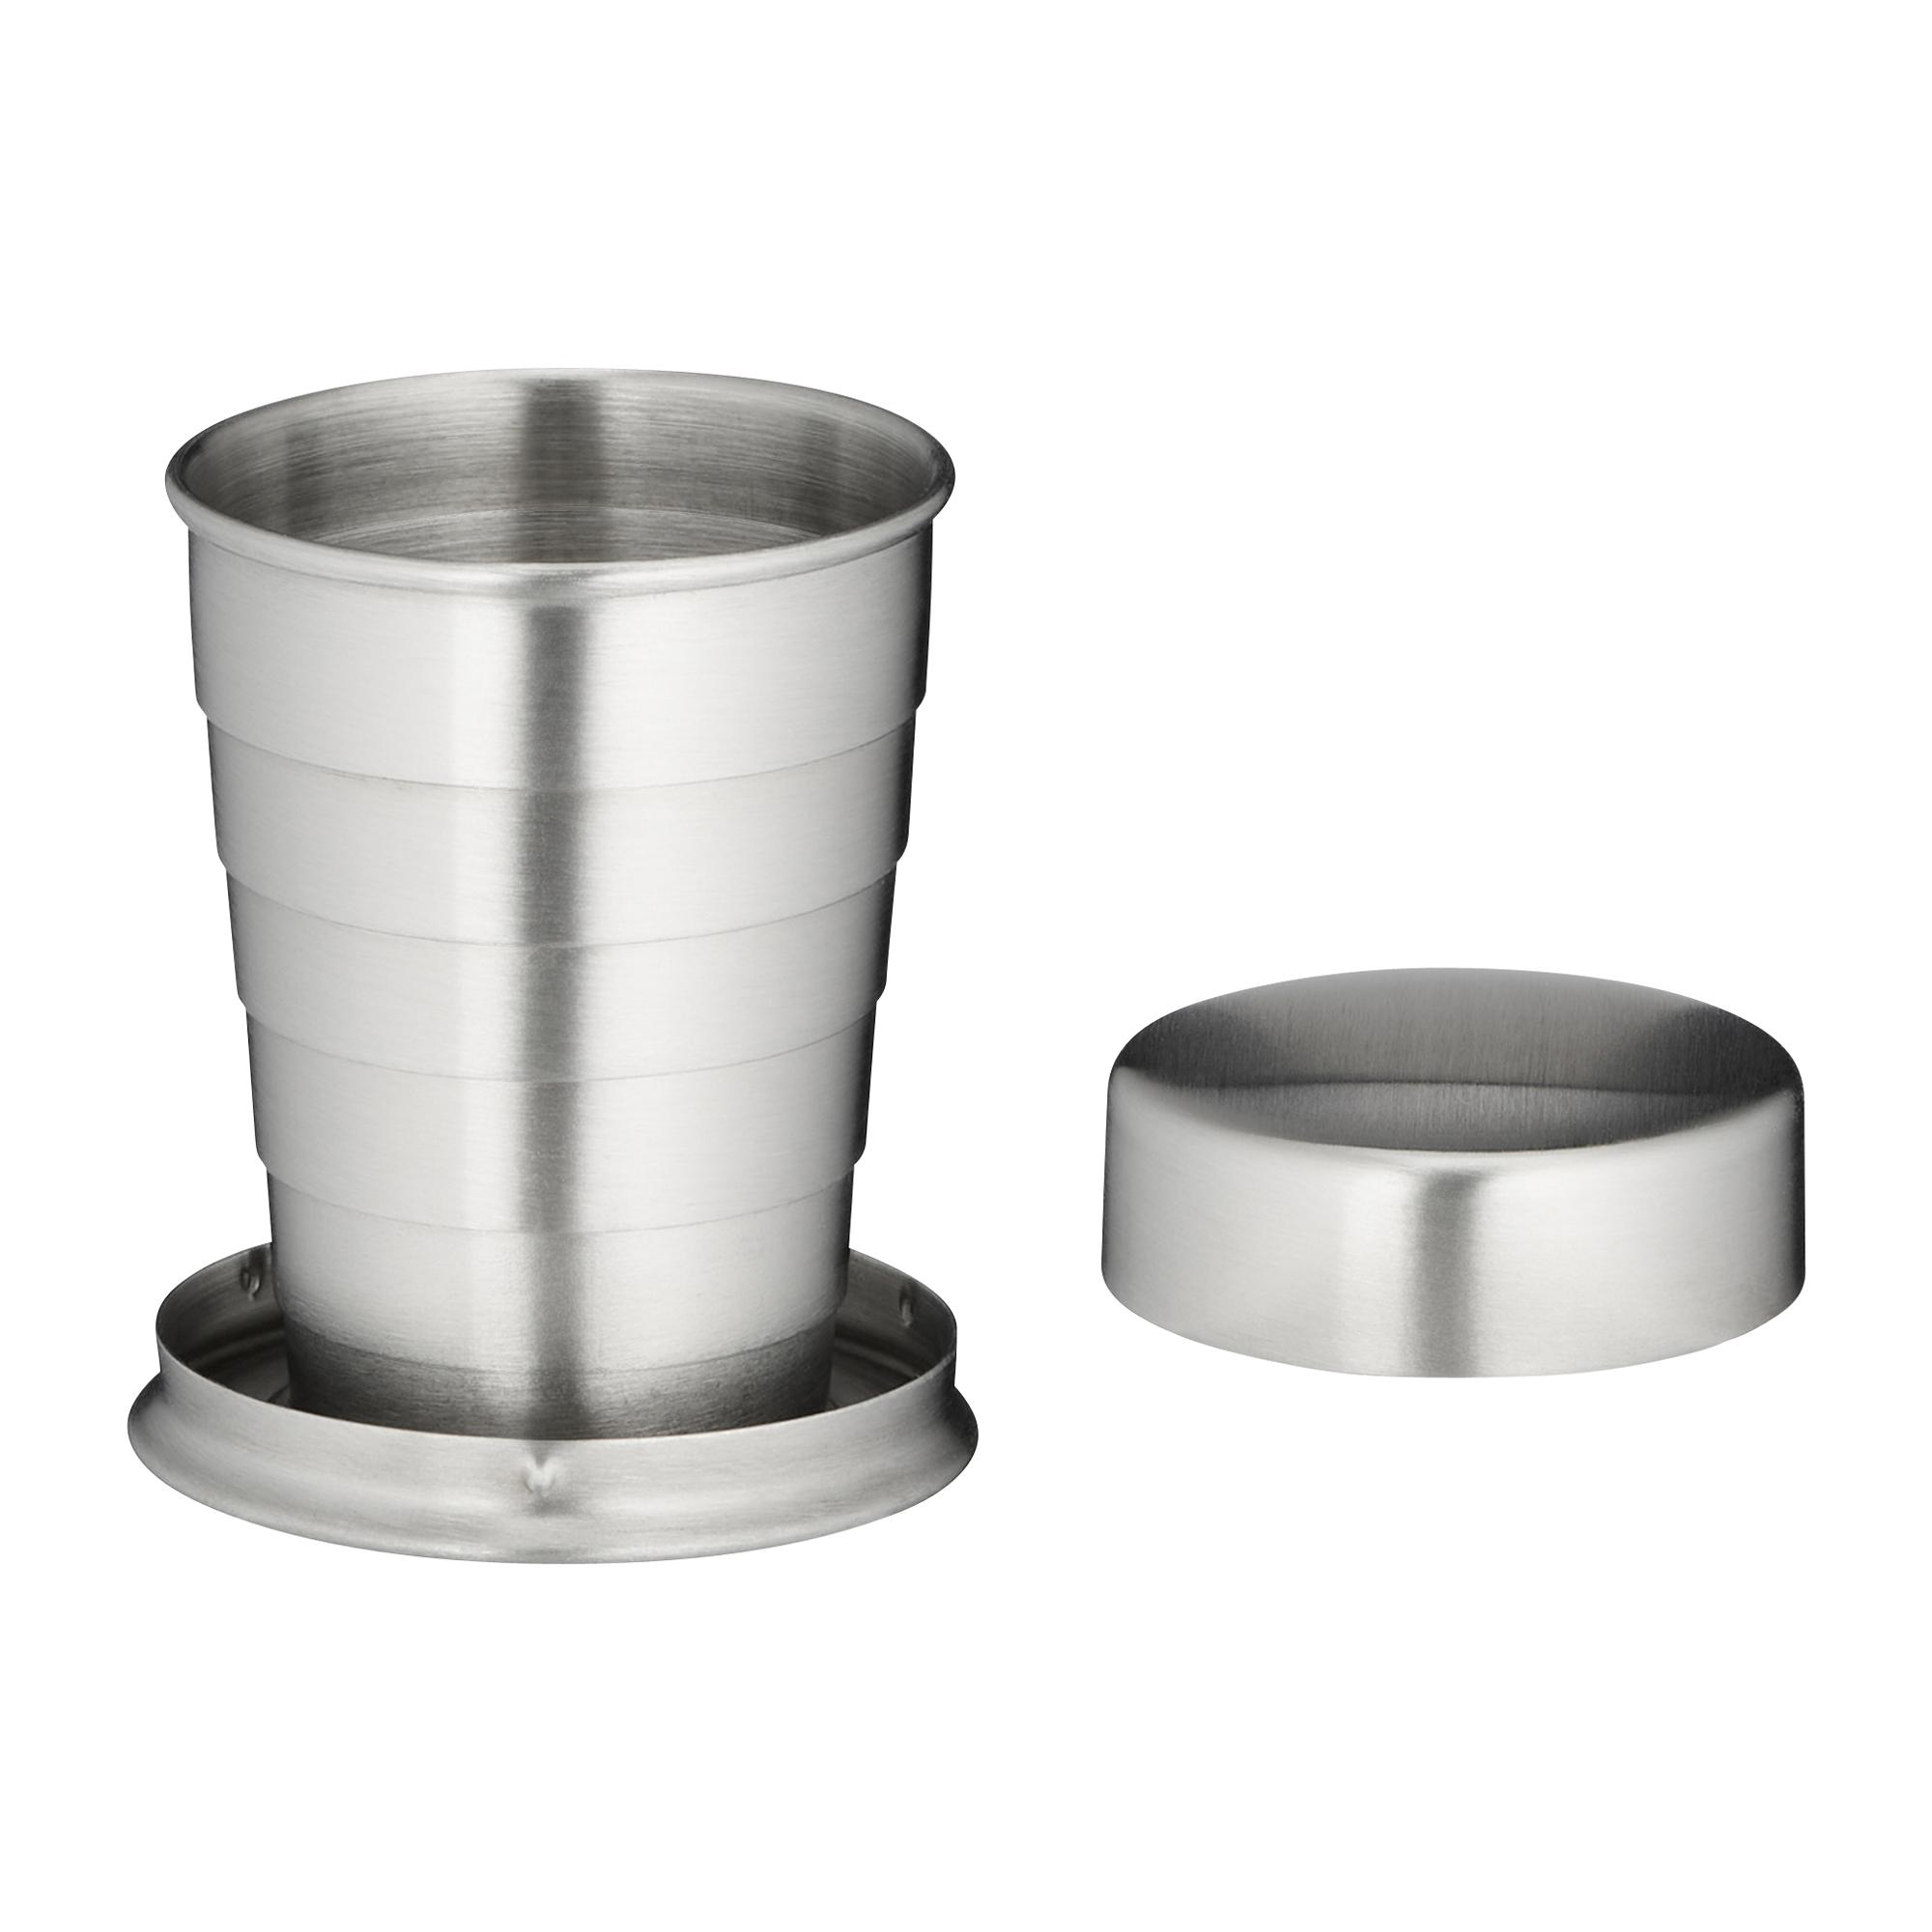 Tasse pliante acier inoxydable 4 cl